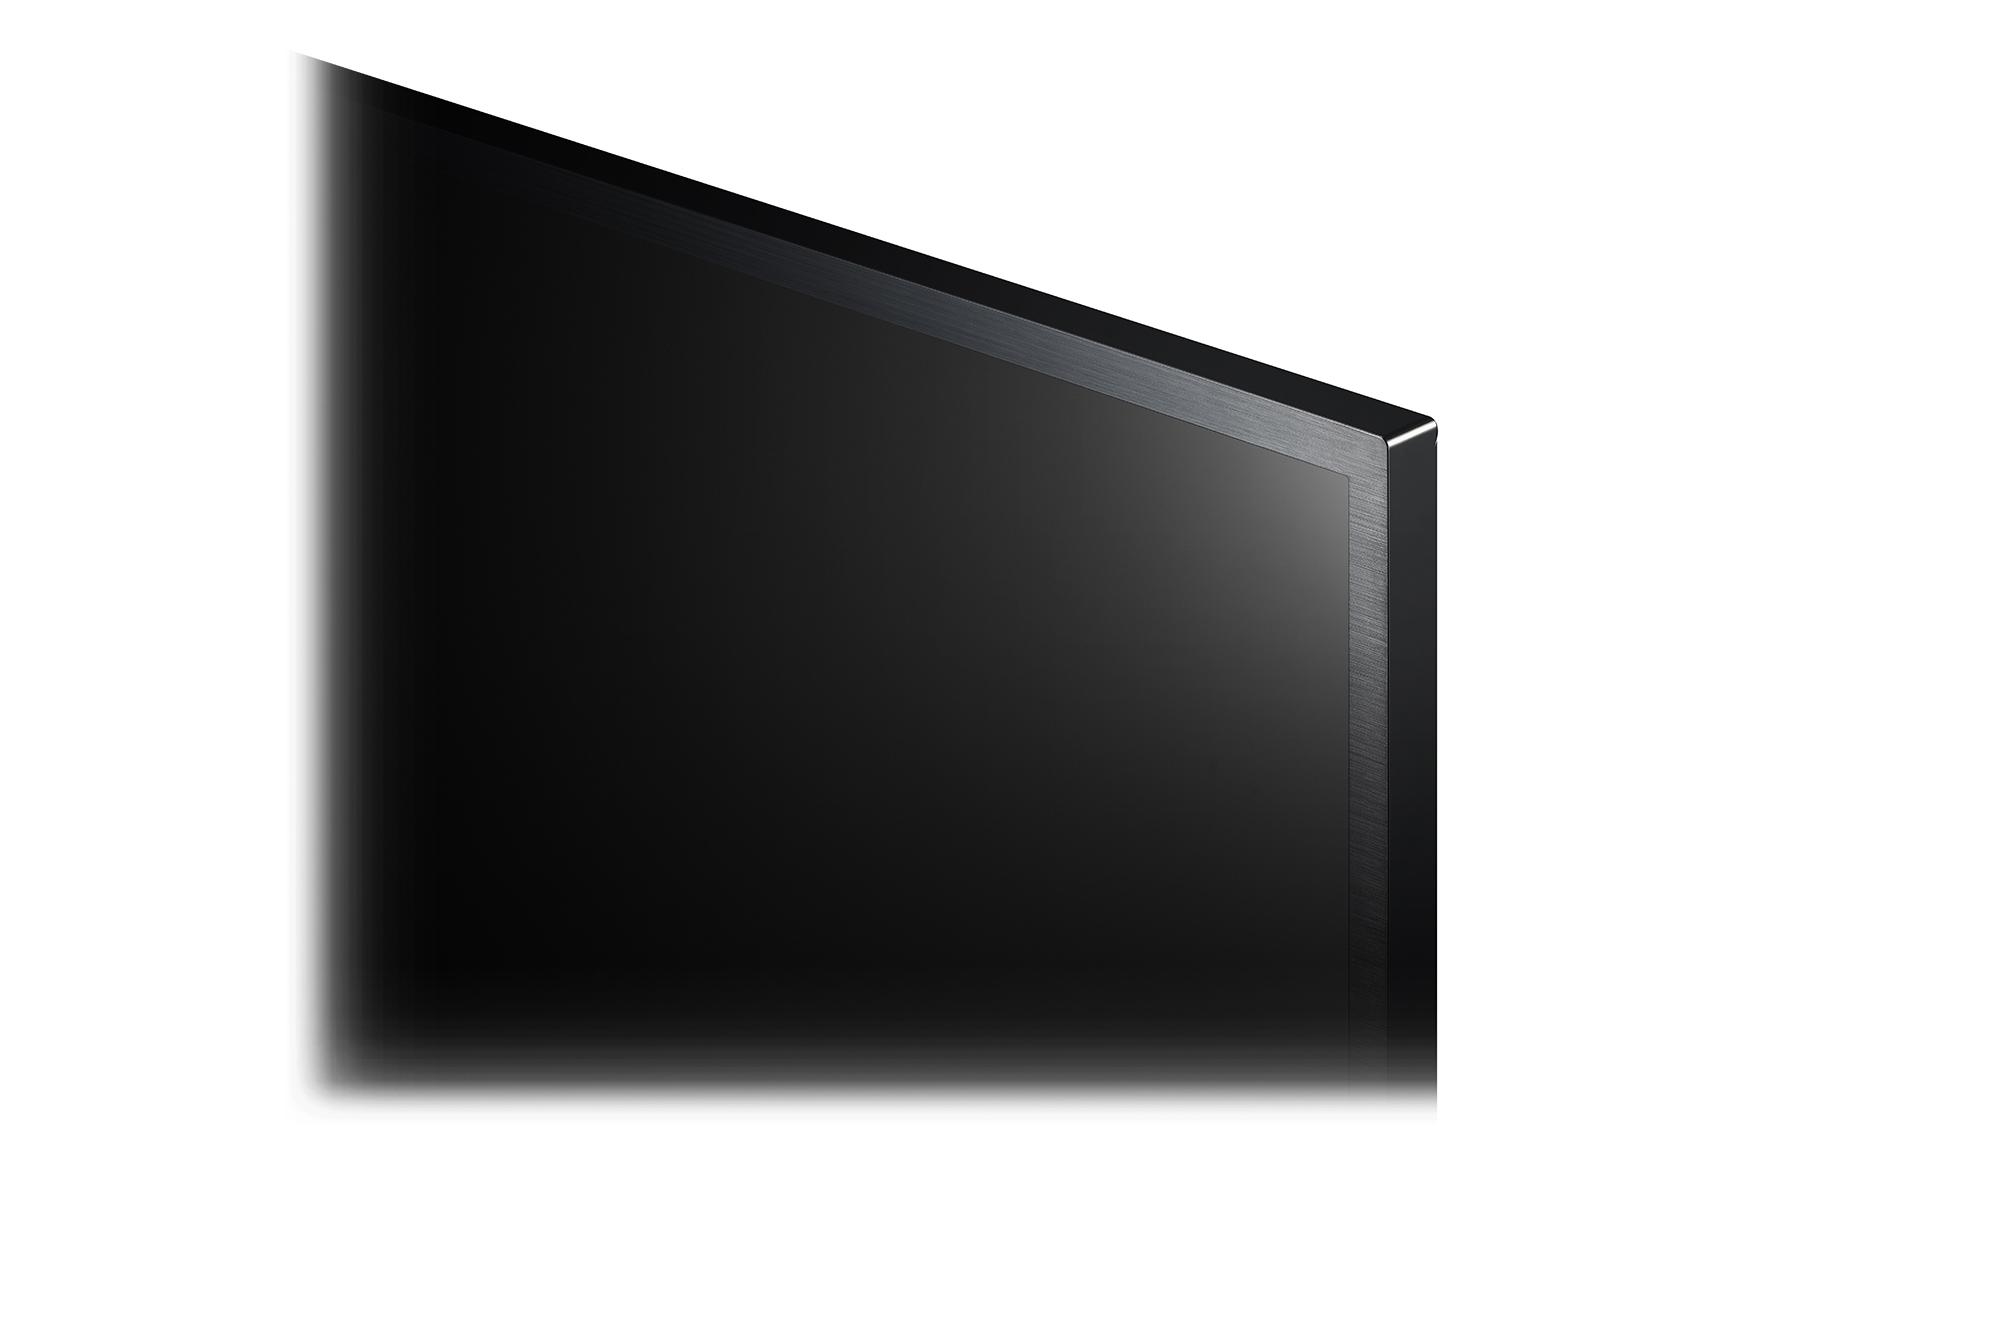 LG Standard Premium 55UL3G-B 11